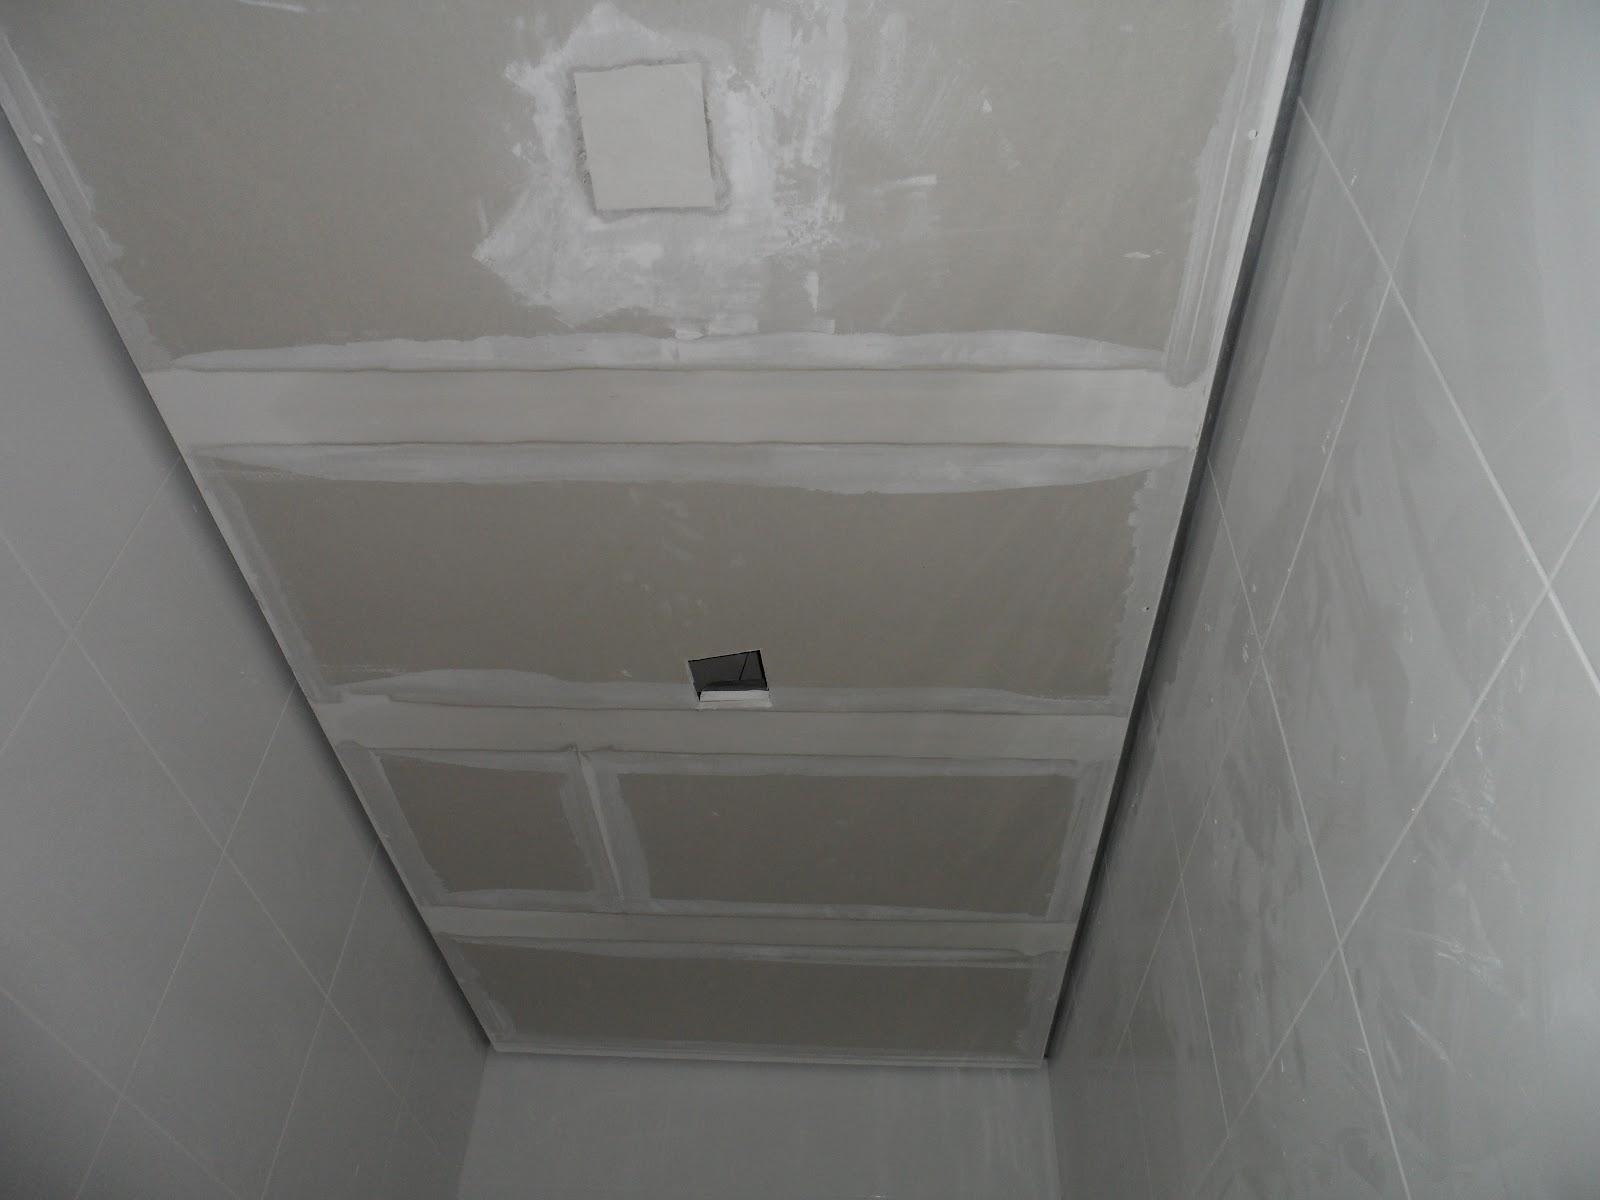 : REVISÃO DA SEMANA: CERCA ELÉTRICA GESSO E ALGUNS DETALHES #56534E 1600x1200 Banheiro Com Gesso